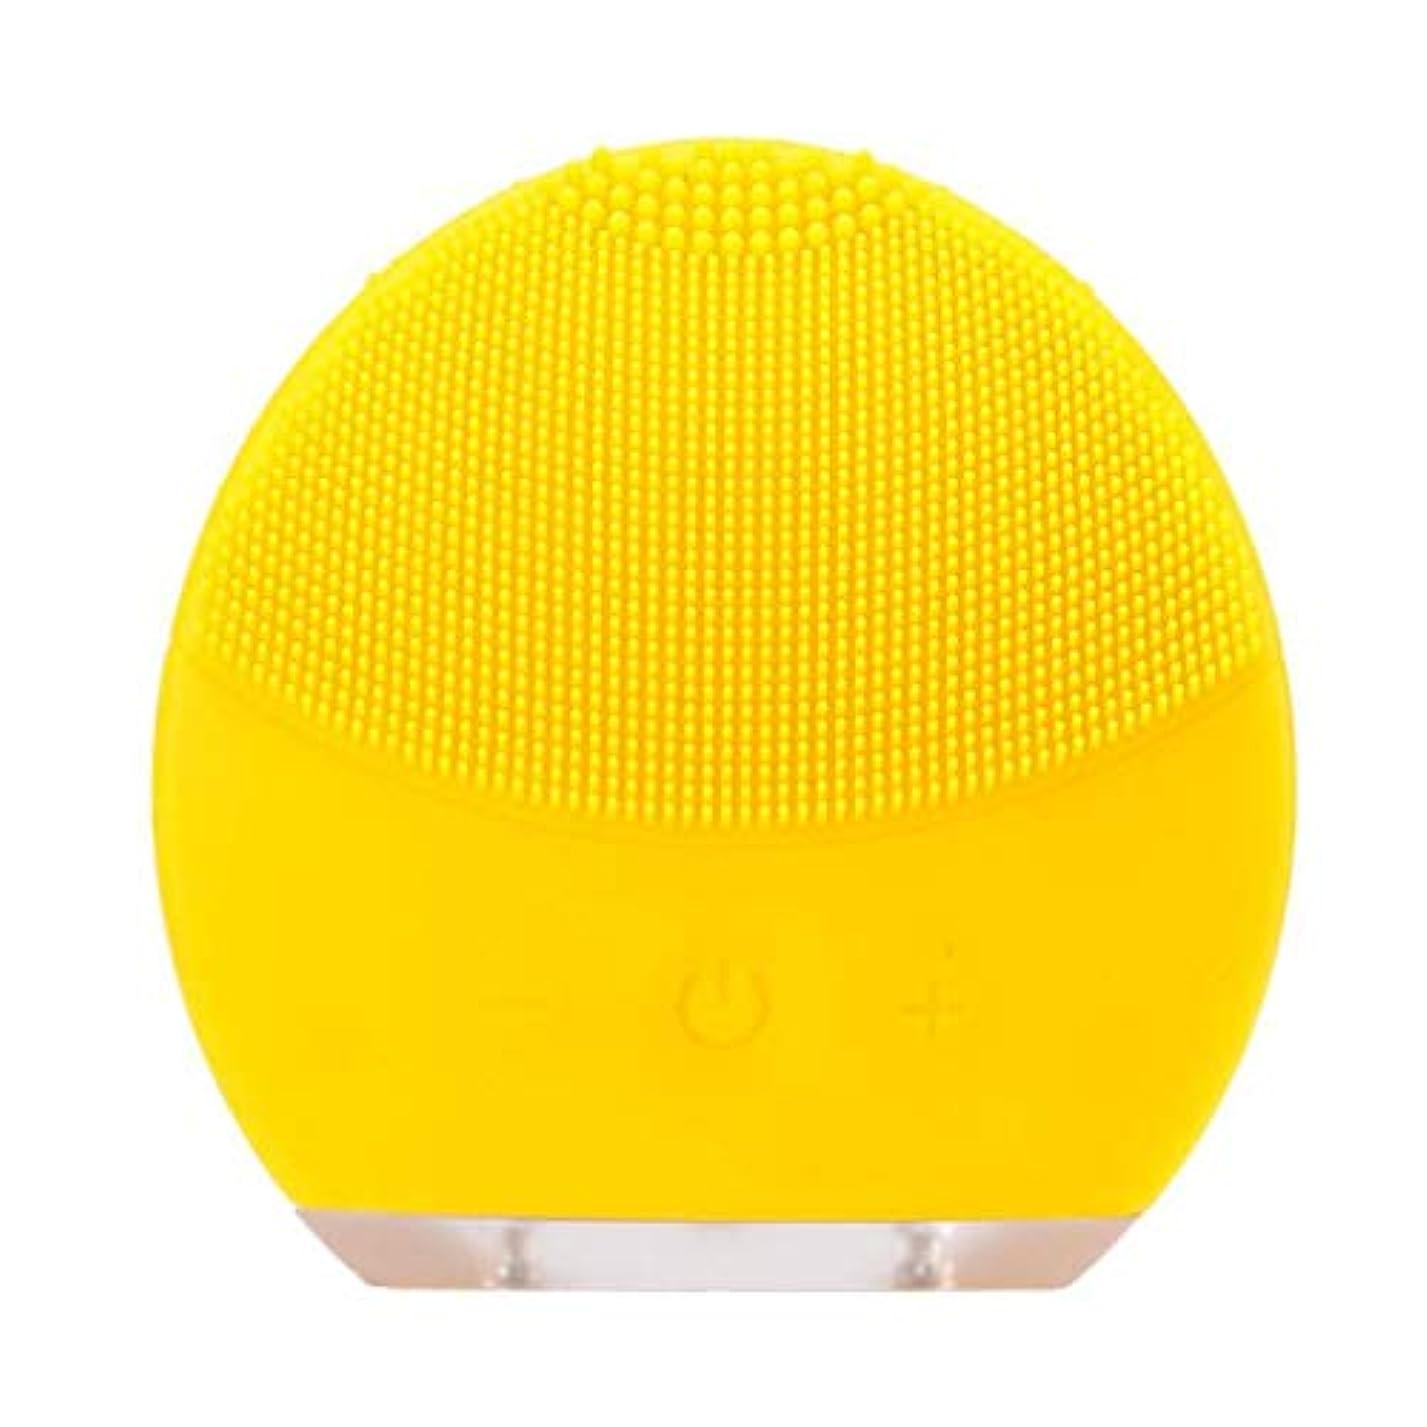 動かす権威悪性超音波振動美容機器洗浄器、皮膚の毛穴を最小限に抑えるマイクロダーマブレーション毛穴、USB 充電と防水,Yellow